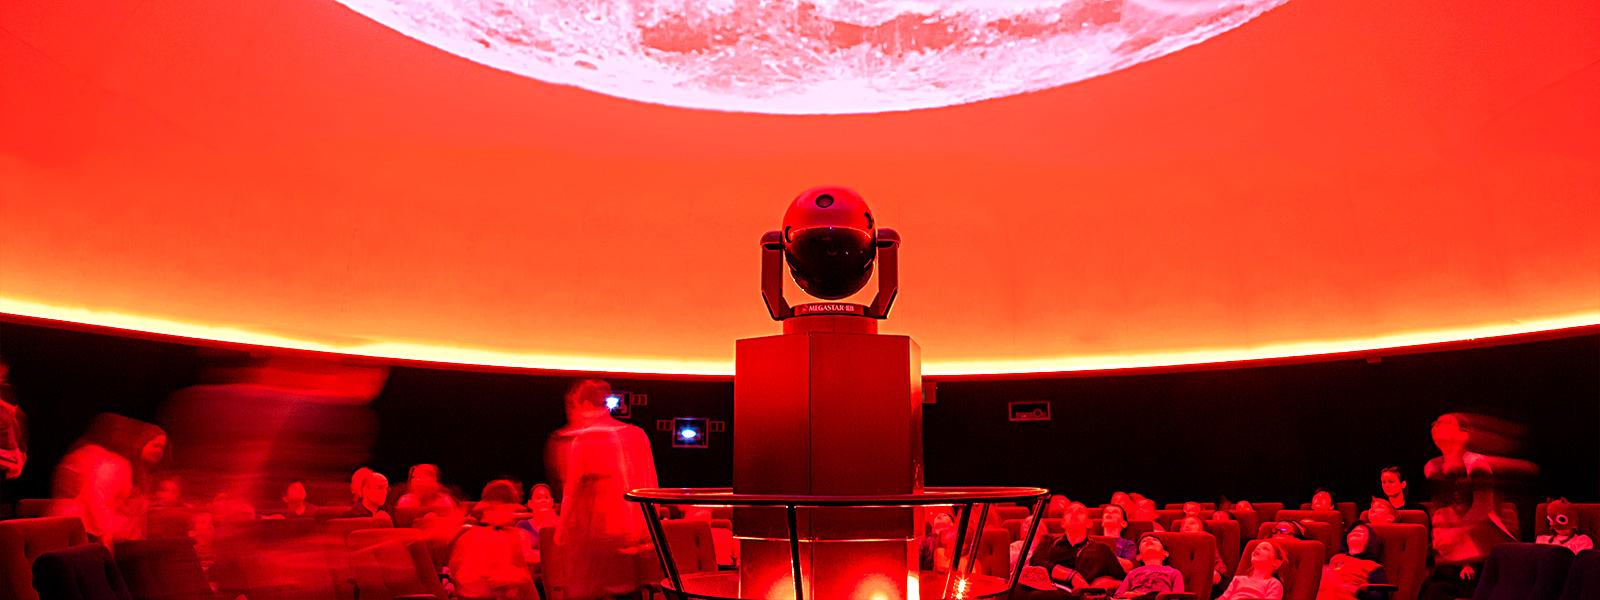 مراقبة النجوم والكواكب - الصورة من موقع brisbane